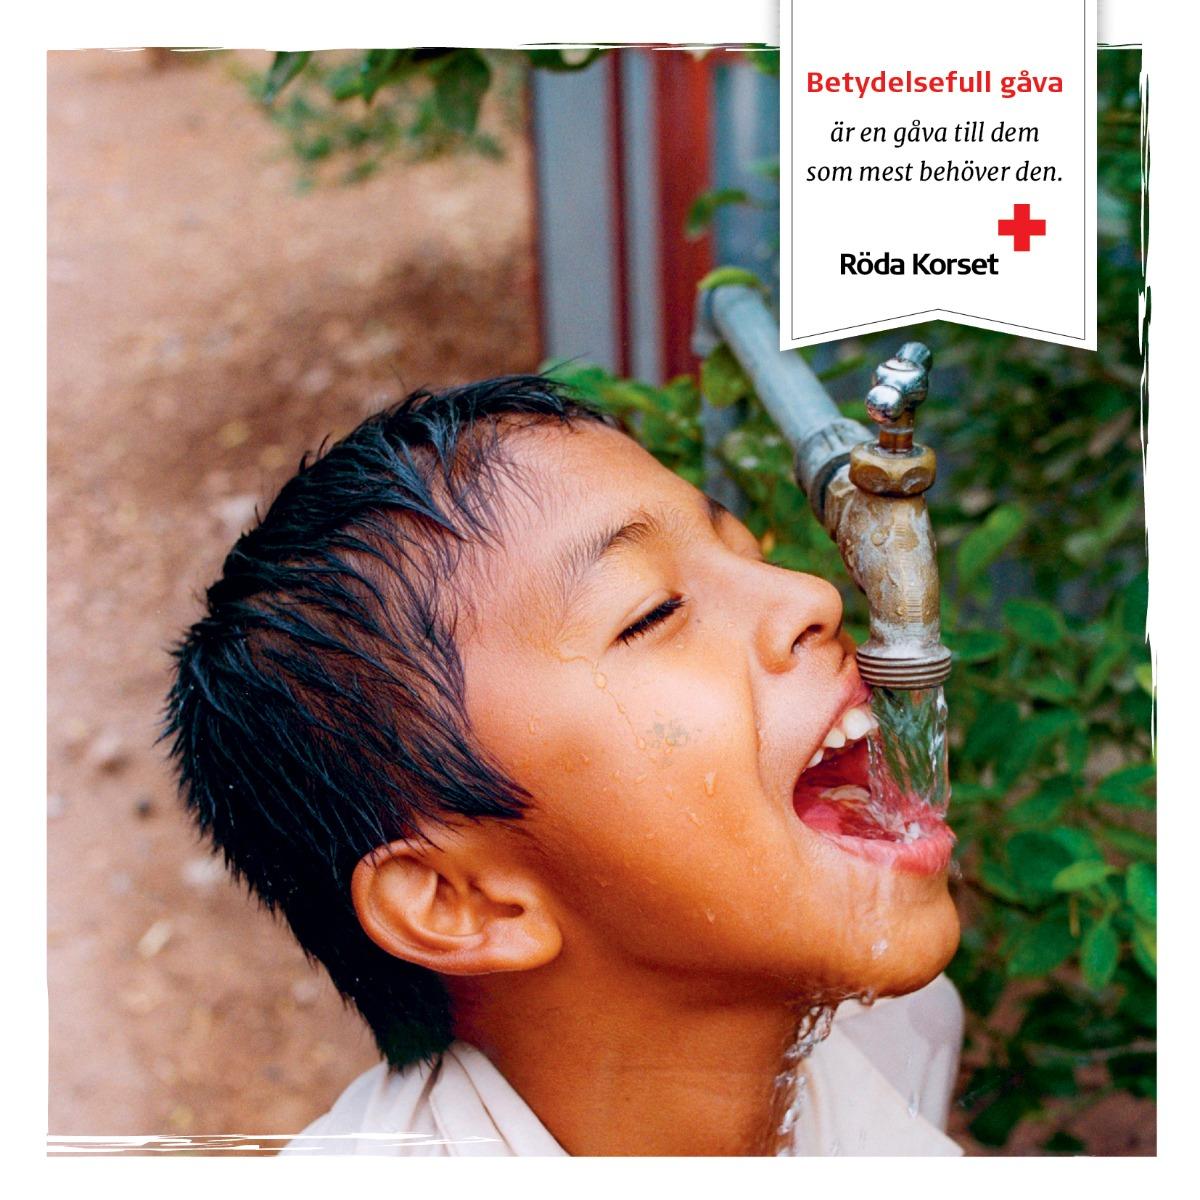 Puhdasta vettä lapselle vuodeksi SV, 15 €/kpl